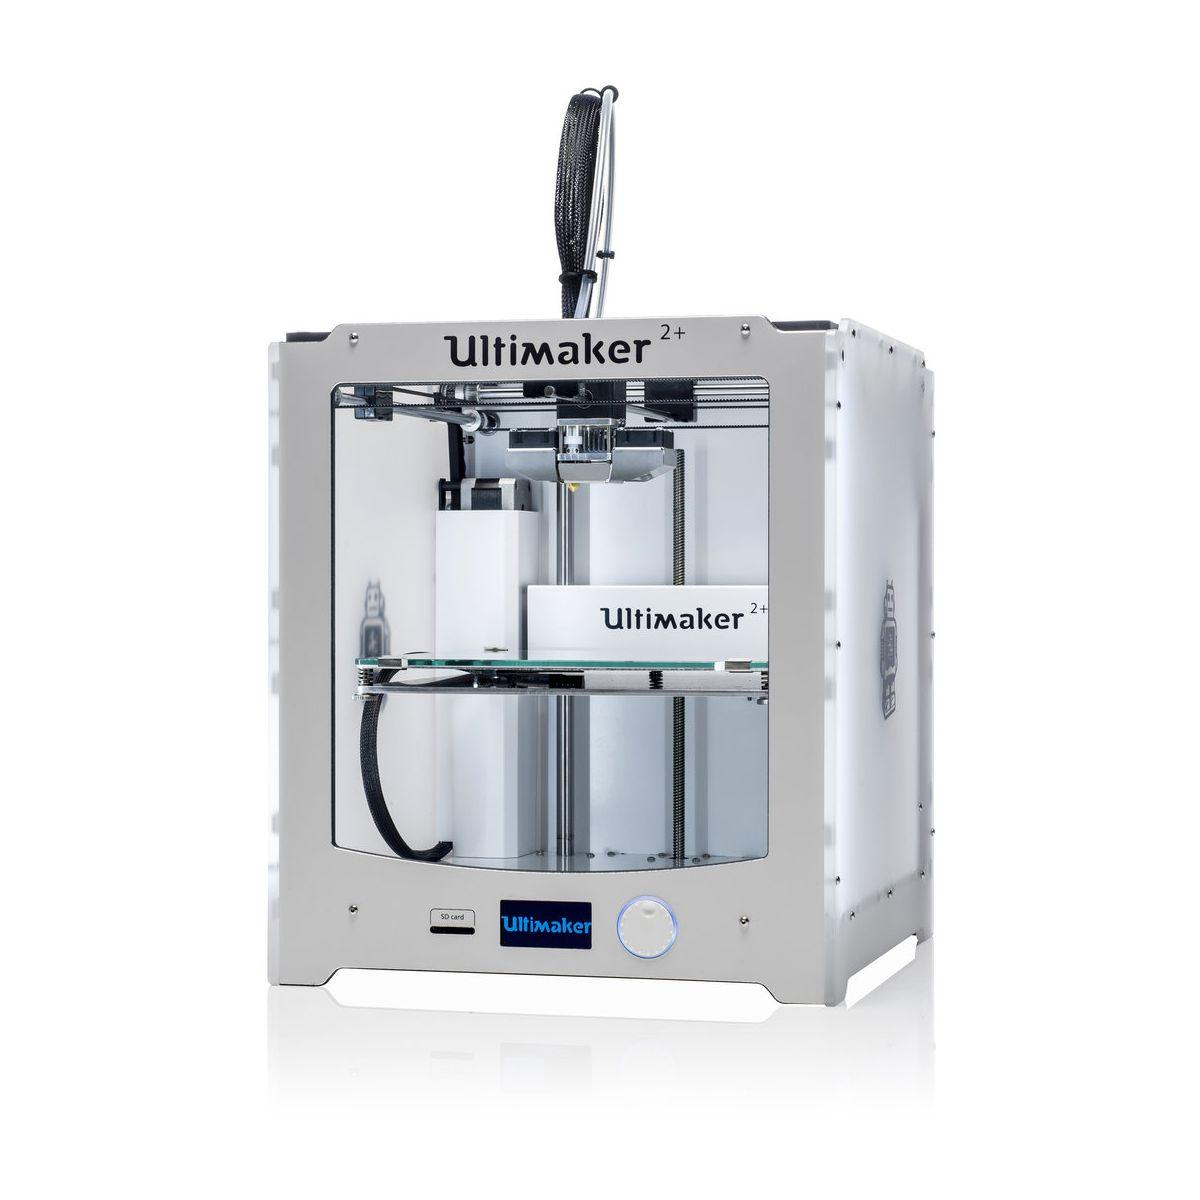 Imprimante ULTIMAKER Ultimaker 2+ (photo)